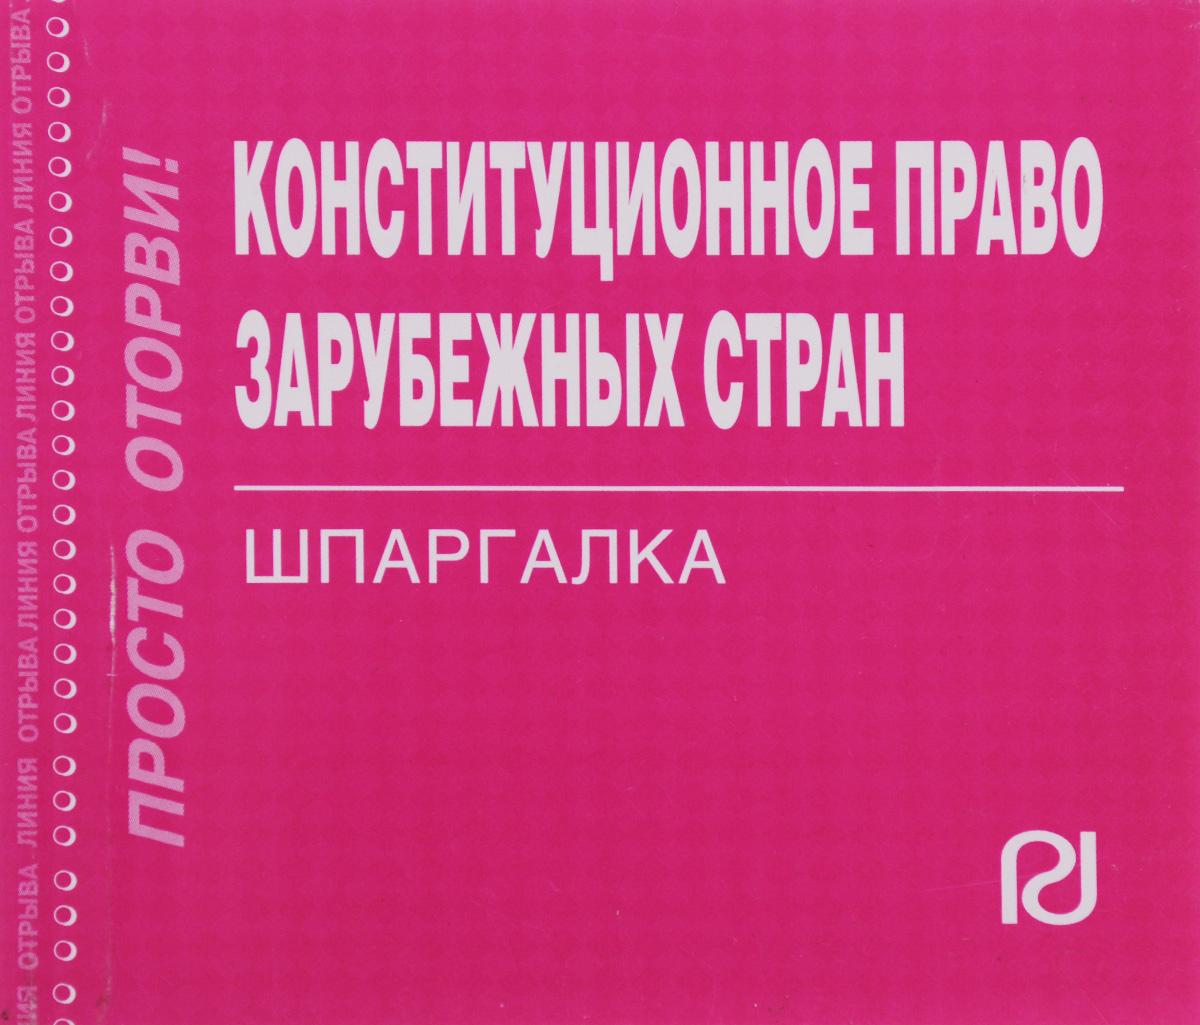 Конституционное право зарубежных стран: Шпаргалка. - М.: ИЦ РИОР, 2013. - 80с.(Шпаргалка [отрывная]) ( 978-5-369-00558-3 )